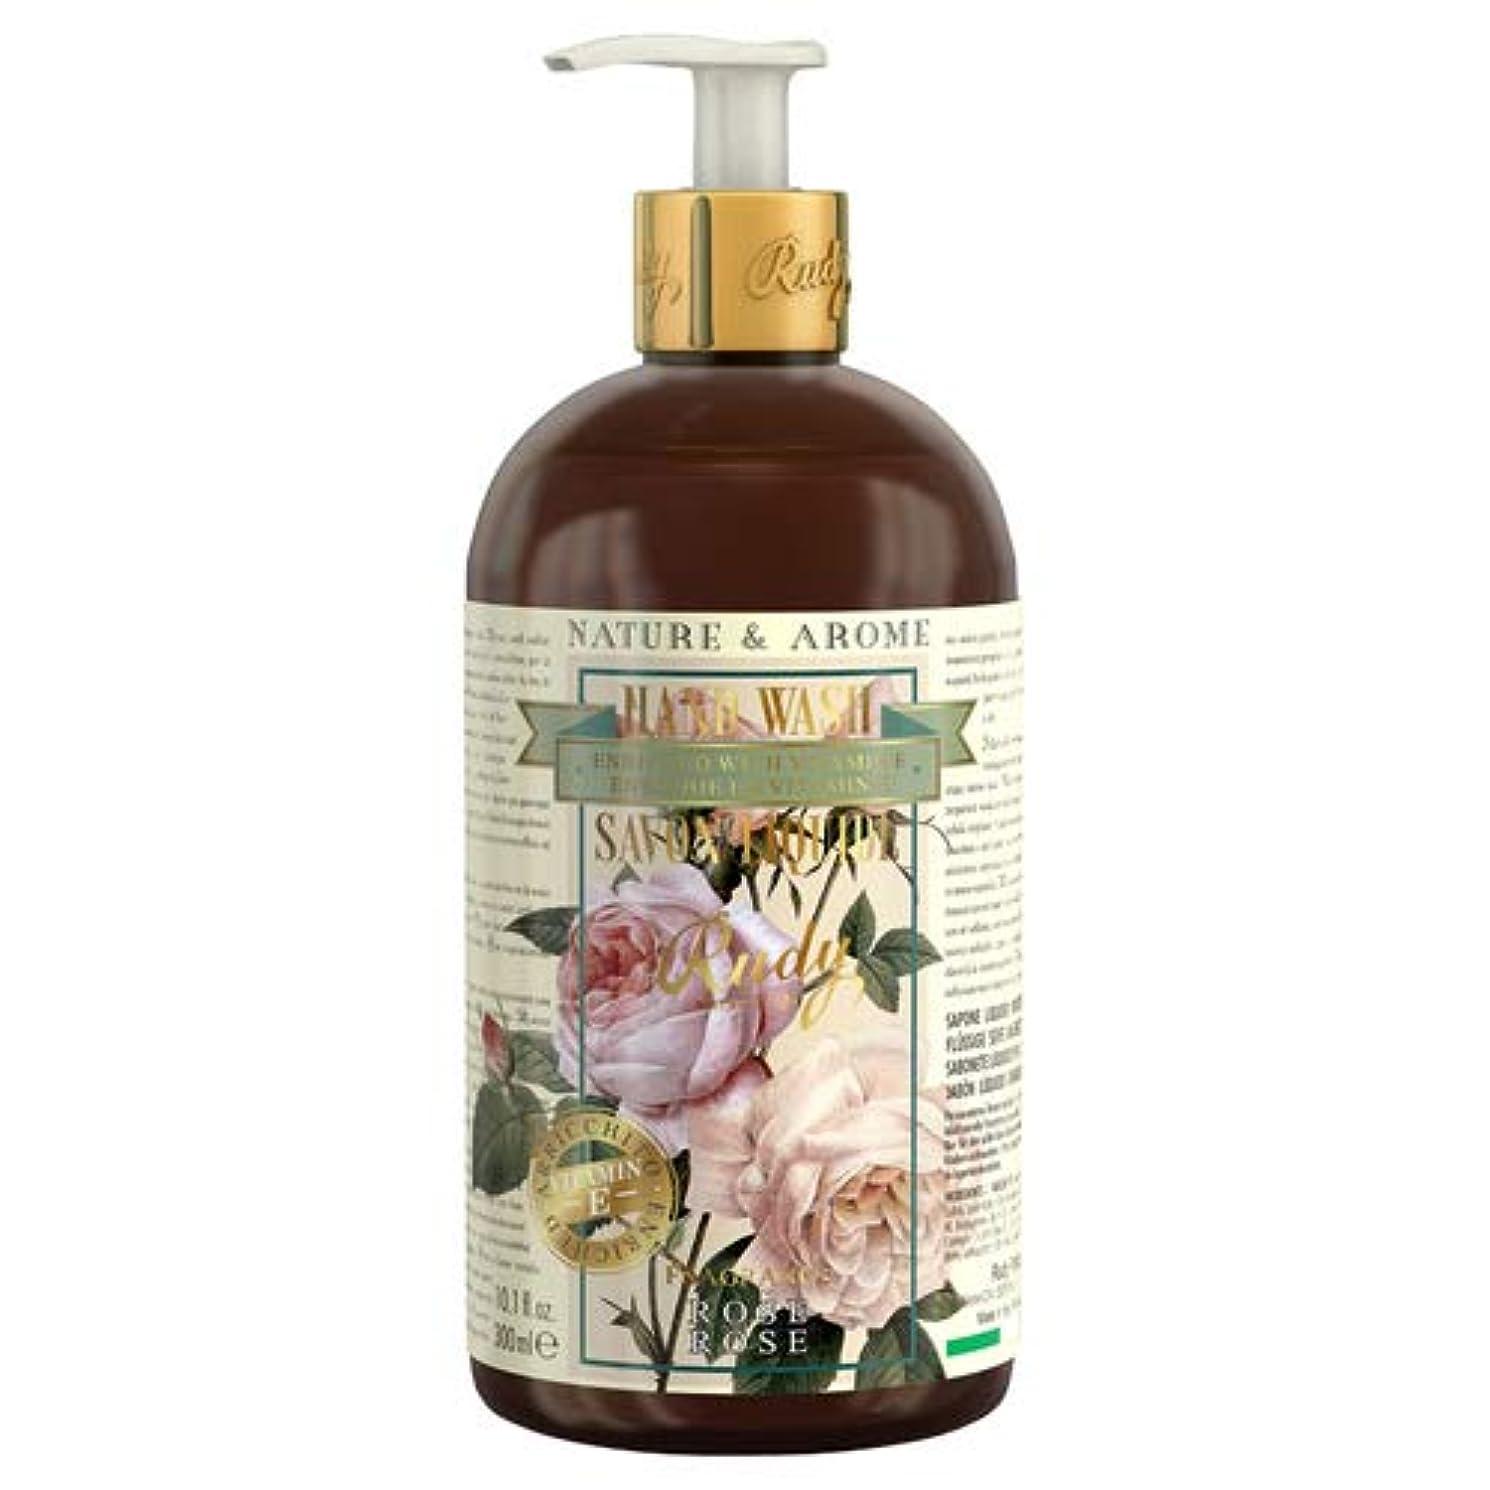 その他四半期予報RUDY Nature&Arome Apothecary ネイチャーアロマ アポセカリー Hand Wash ハンドウォッシュ(ボディソープ) Rose ローズ